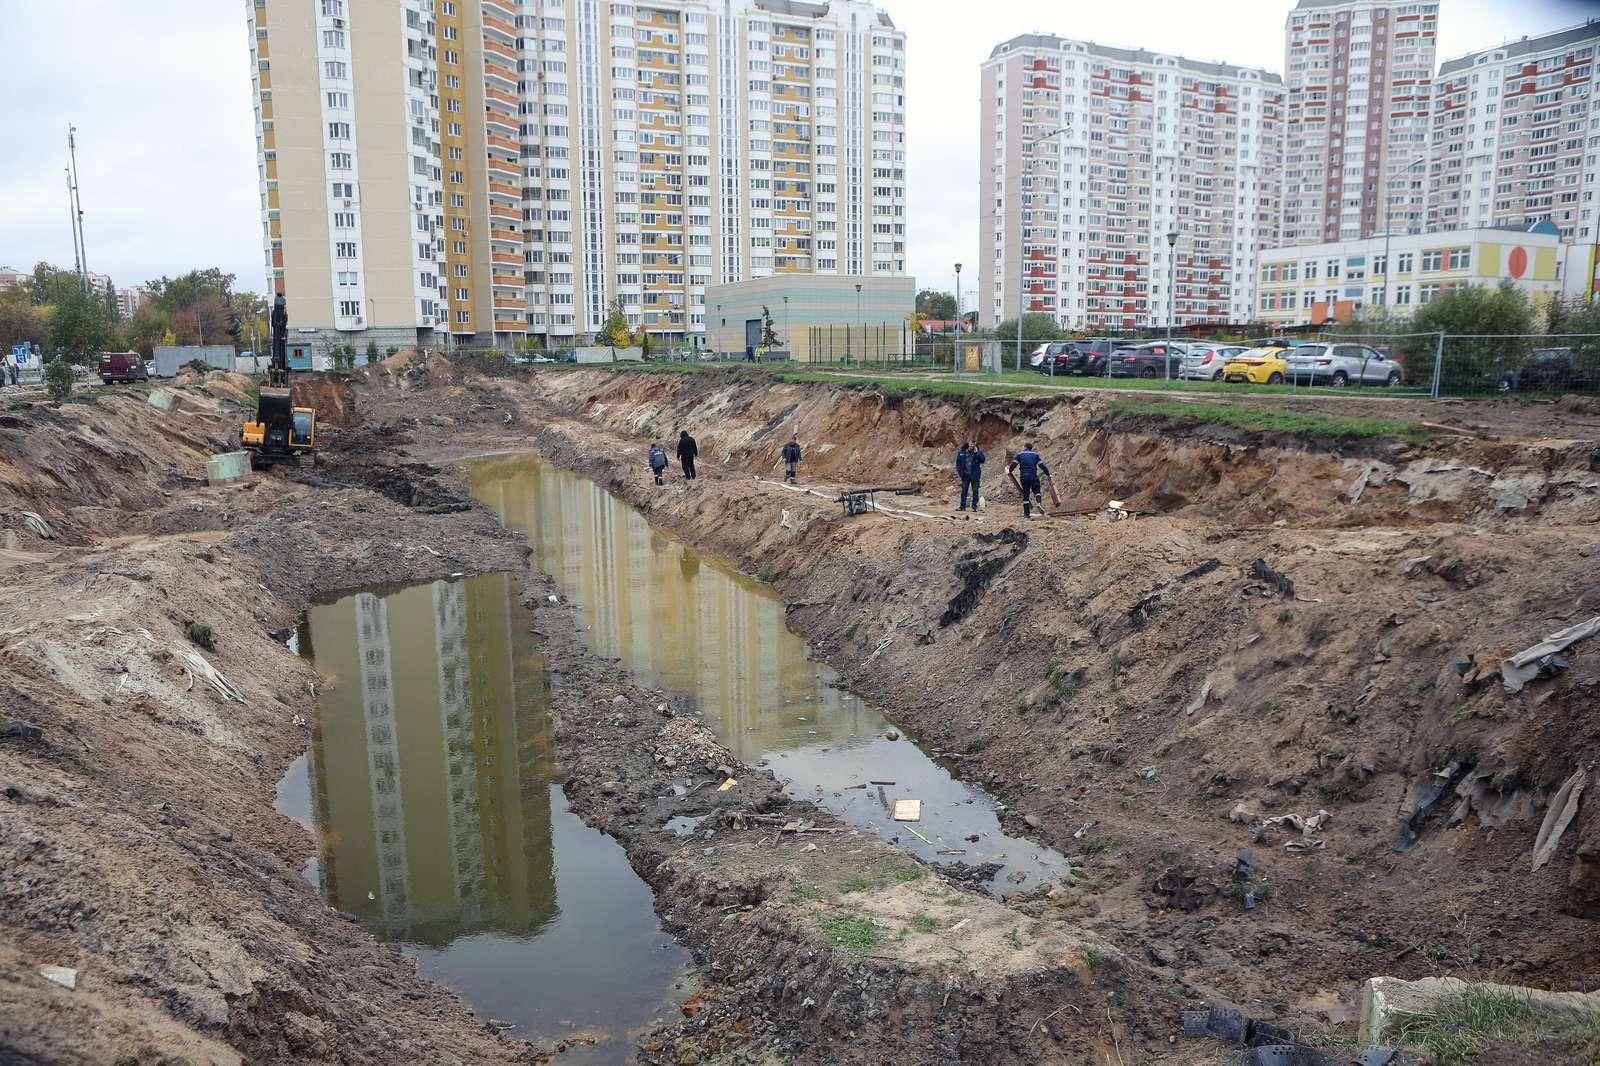 Пруд Коровка в Балашихе очистят и благоустроят к концу октября | Изображение 2